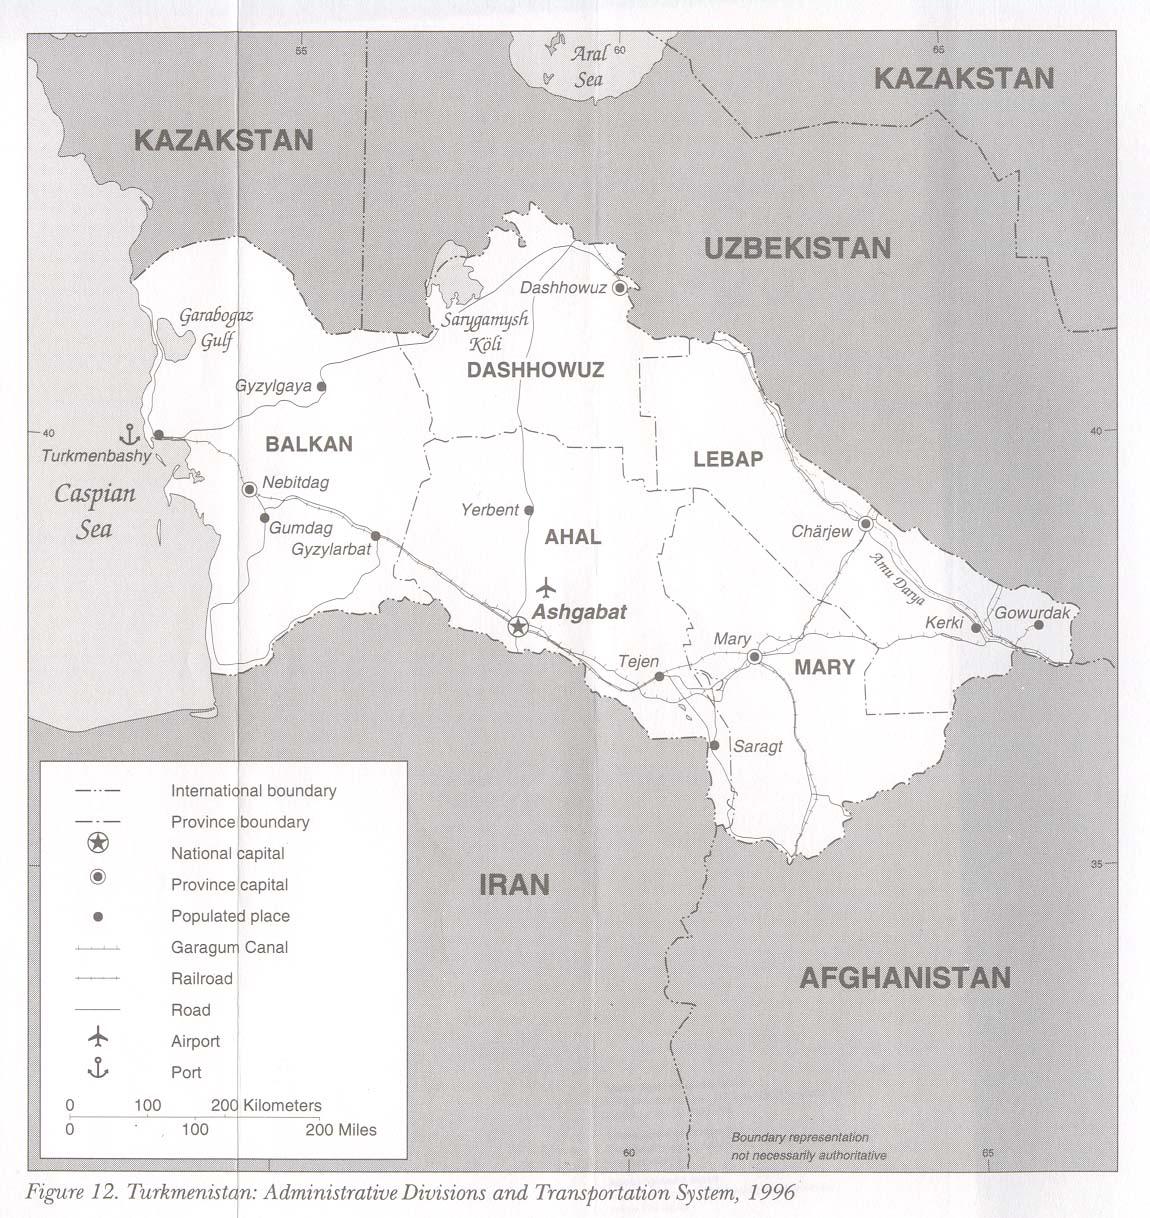 Mapa de las Divisiones Administrativas y Sistema de Transporte de Turkmenistán